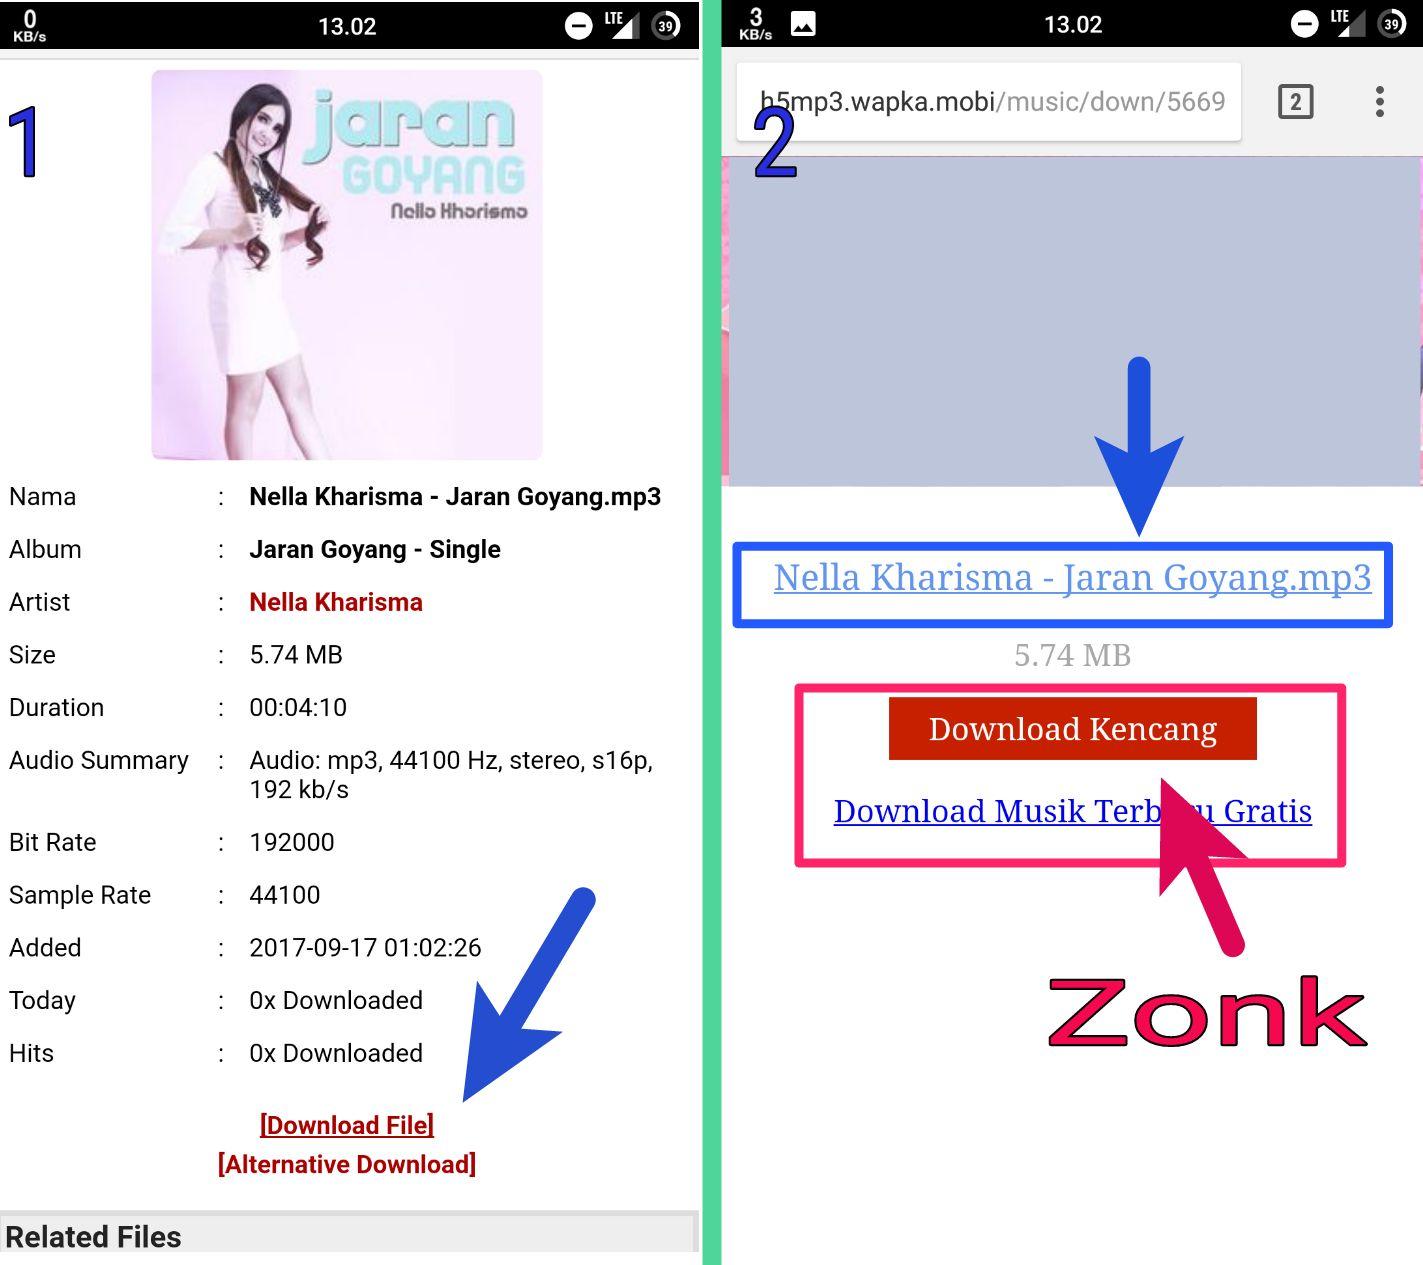 Dawload Lagu Mp3 Tamvan: Cara Download Lagu MP3 Yang Benar Dan Mudah